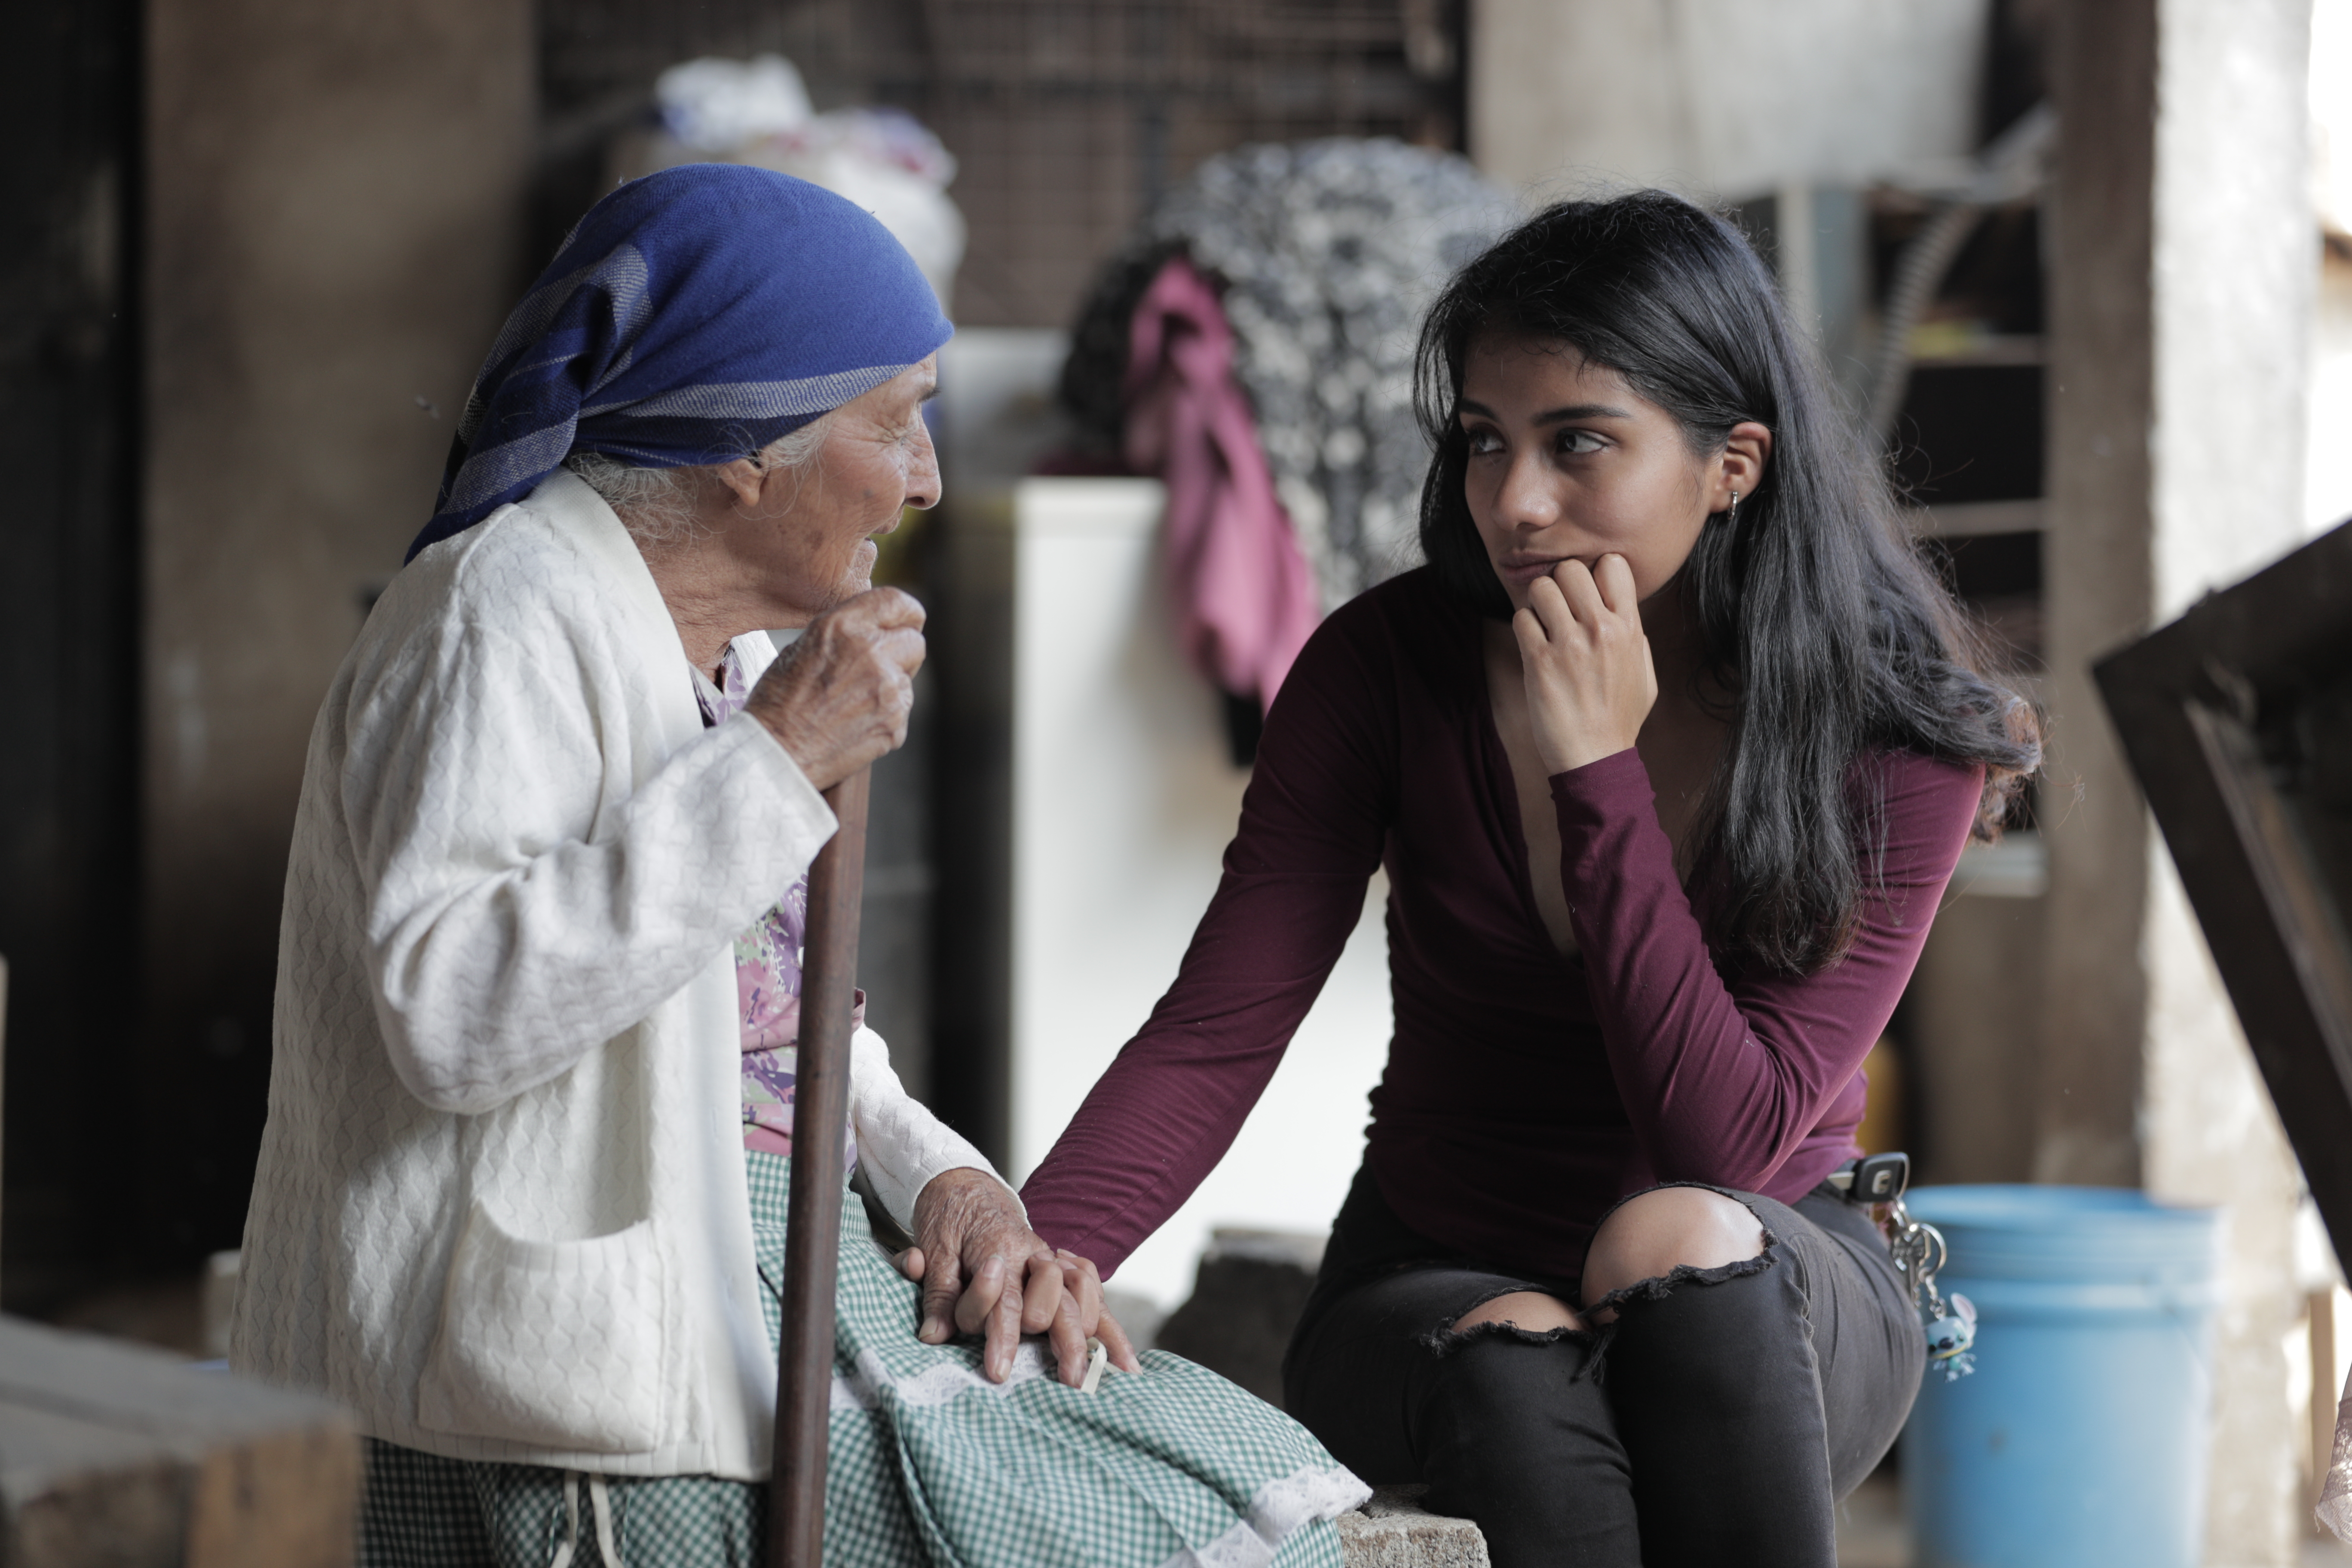 Maryam de León, una estudiante de ingeniería civil, escucha a doña Dora Herrera quien vive sola y afronta problemas económicos y de salud. (Foto Prensa Libre: Álvaro González)